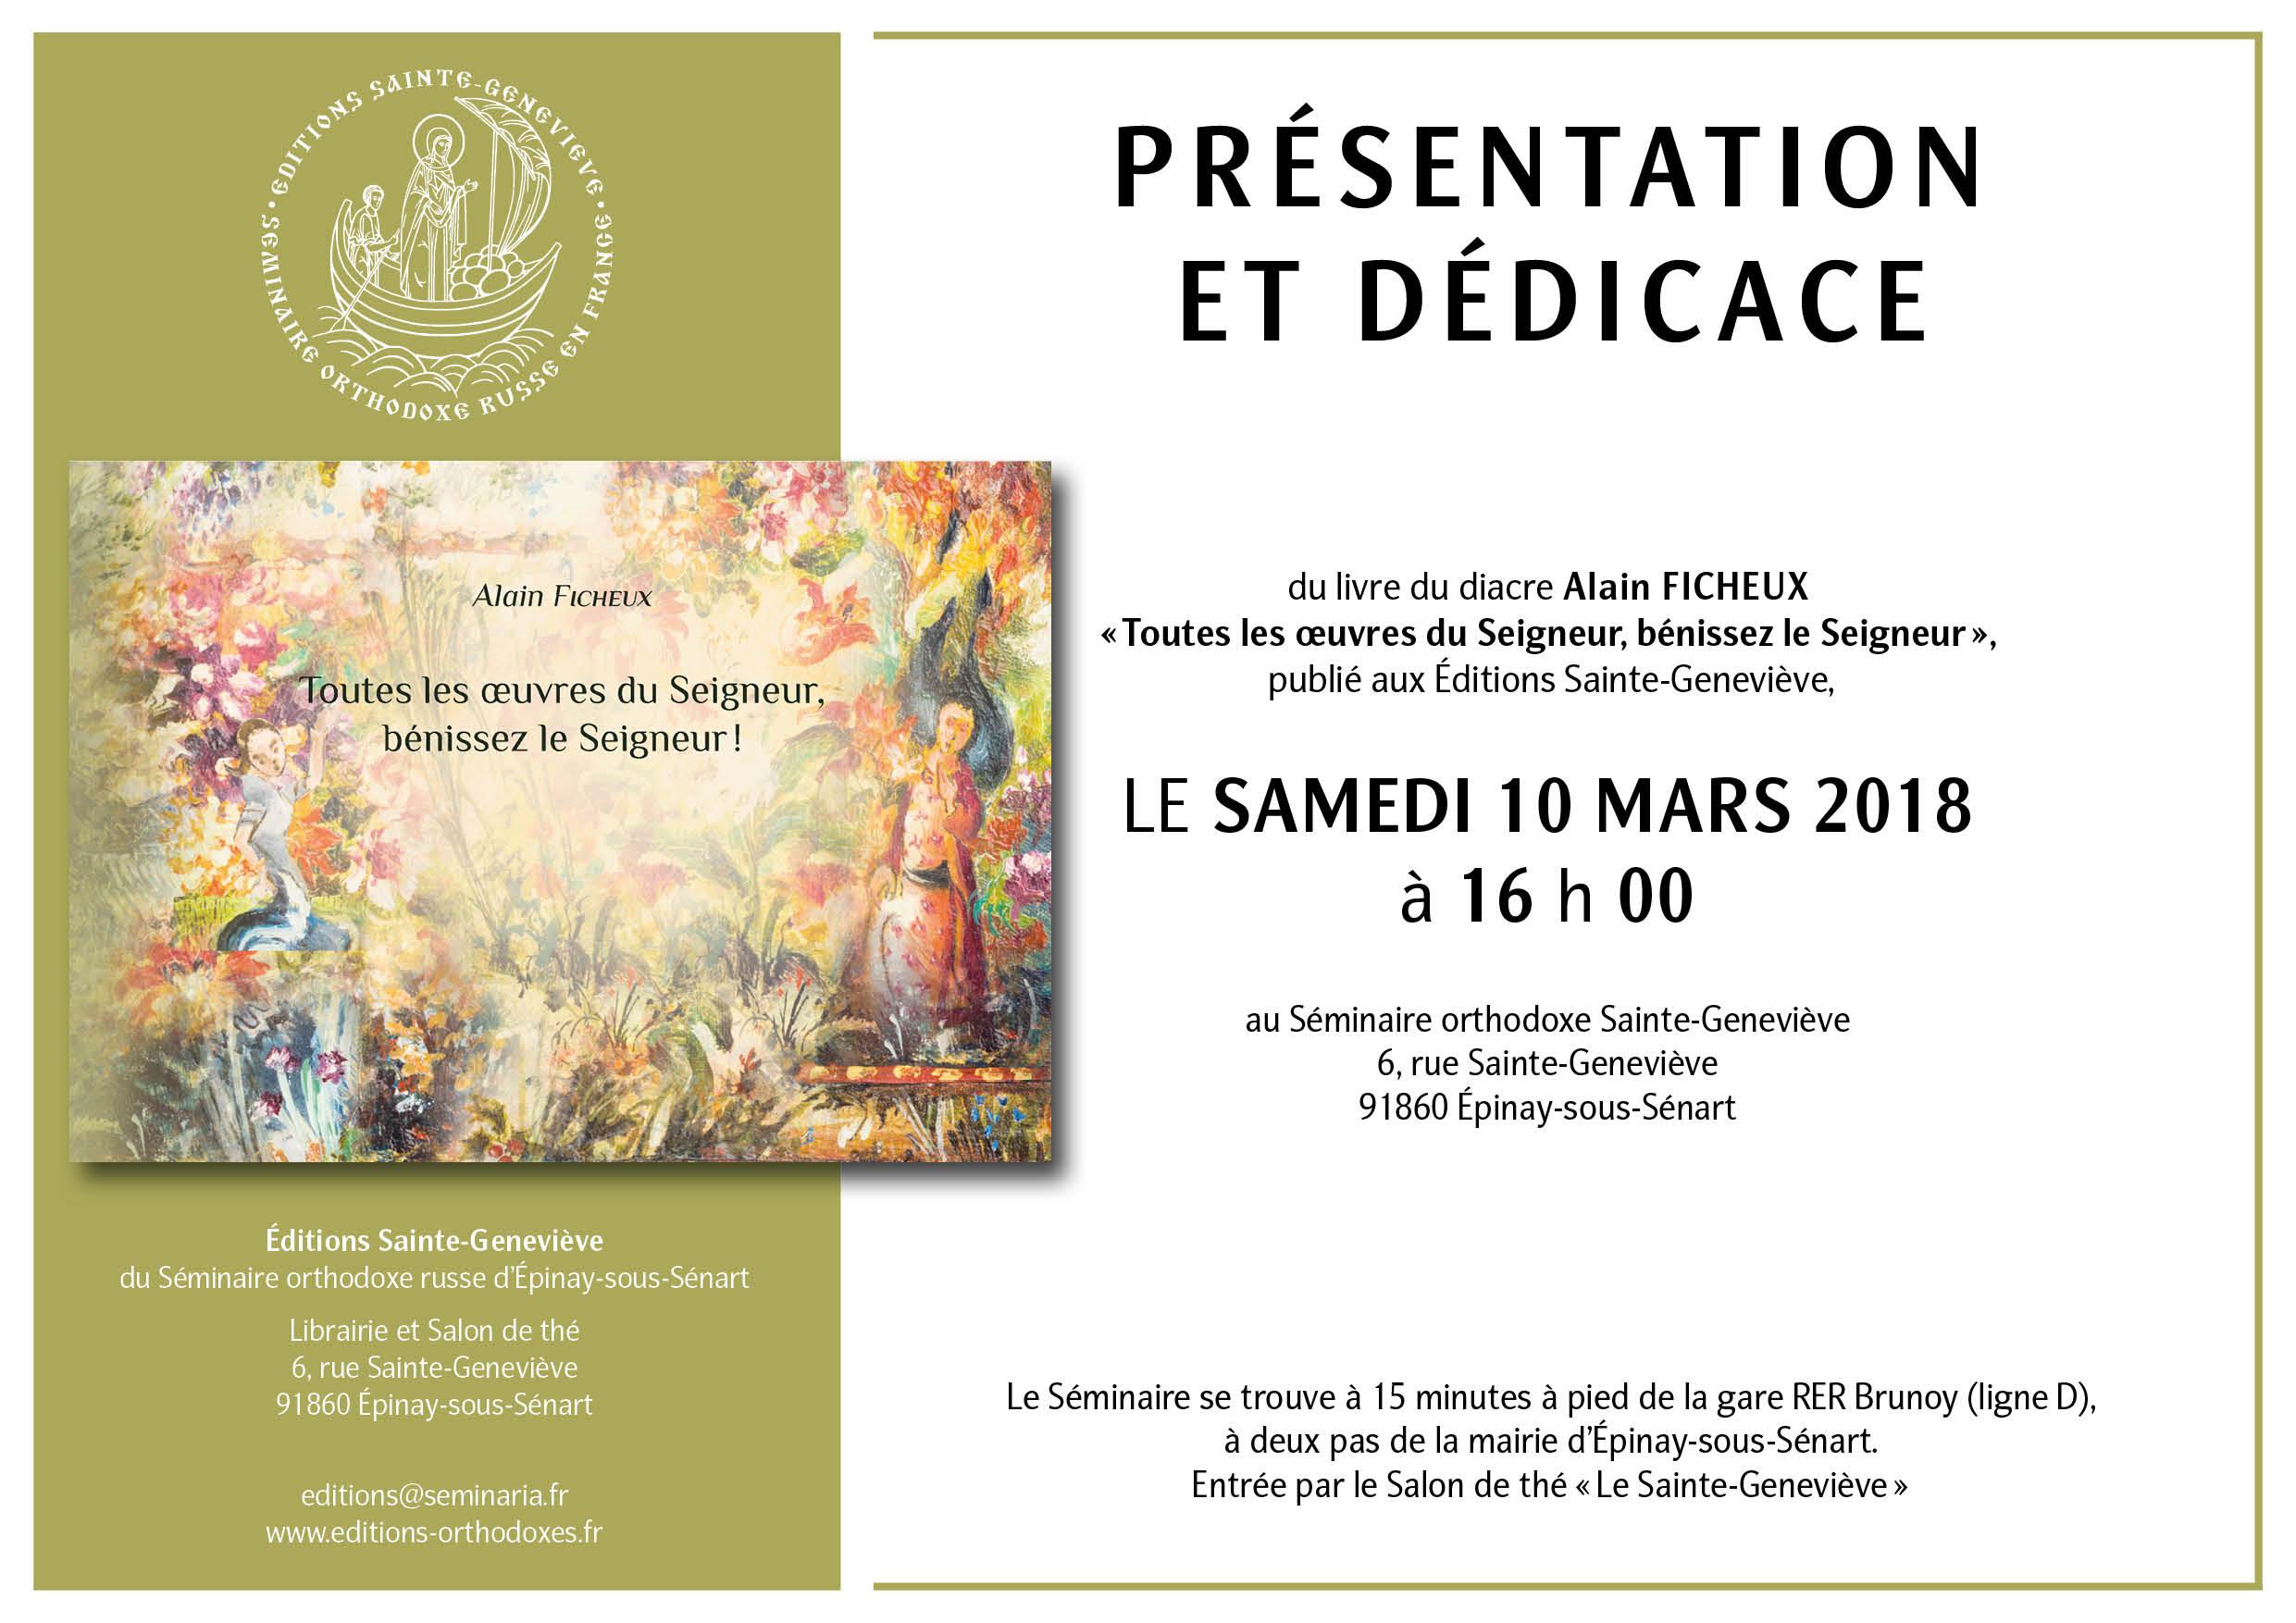 """Présentation et dédicace du livre d'Alain Ficheux, """"Toutes les oeuvres du Seigneur, bénissez le Seigneur"""""""